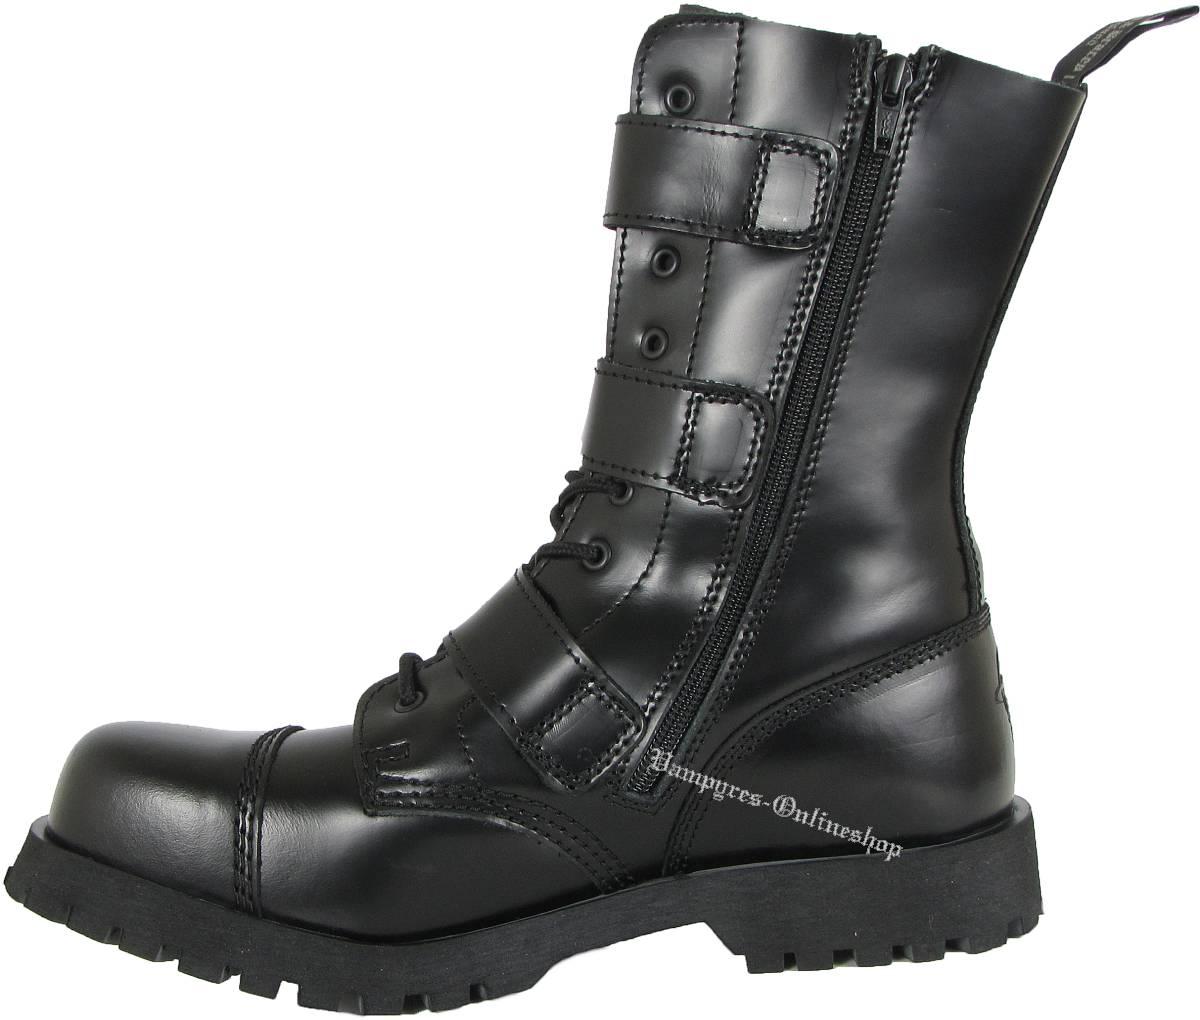 Boots And Braces Easy 14-Loch Schwarz RV mit Reißverschluss Leder Stiefel Schuhe